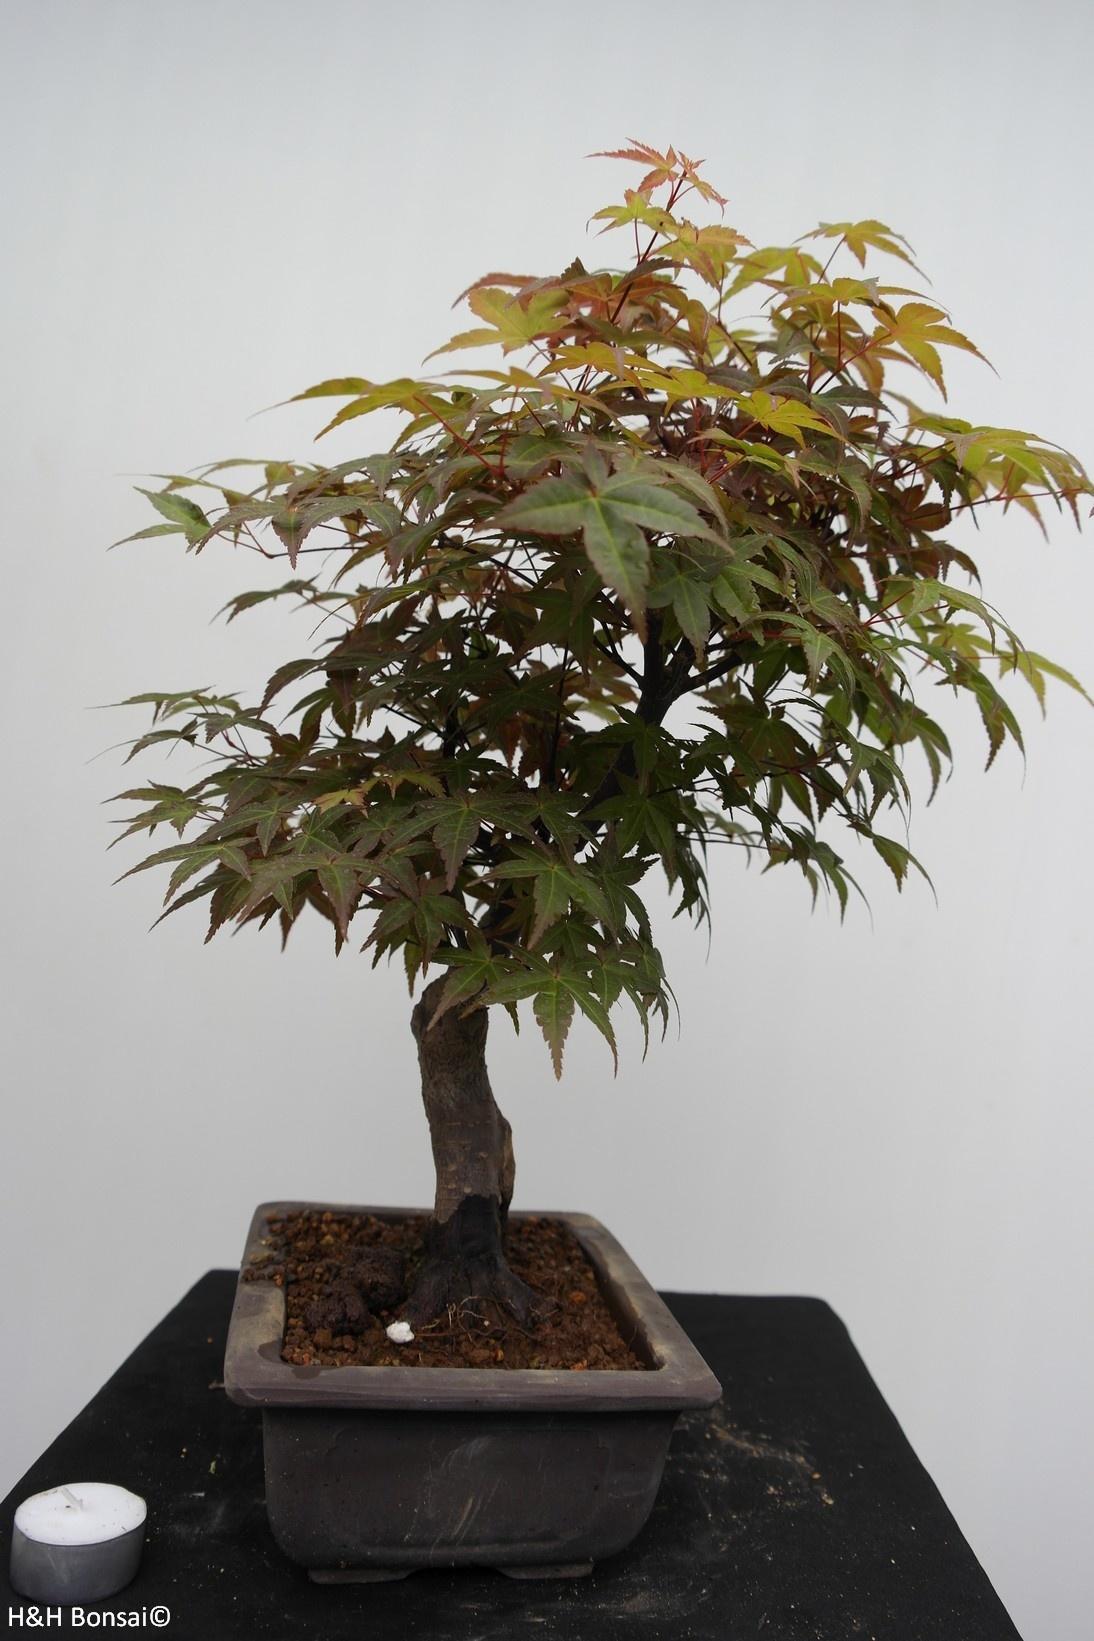 Bonsai Erable du Japon deshojo, Acer palmatum, no. 7650